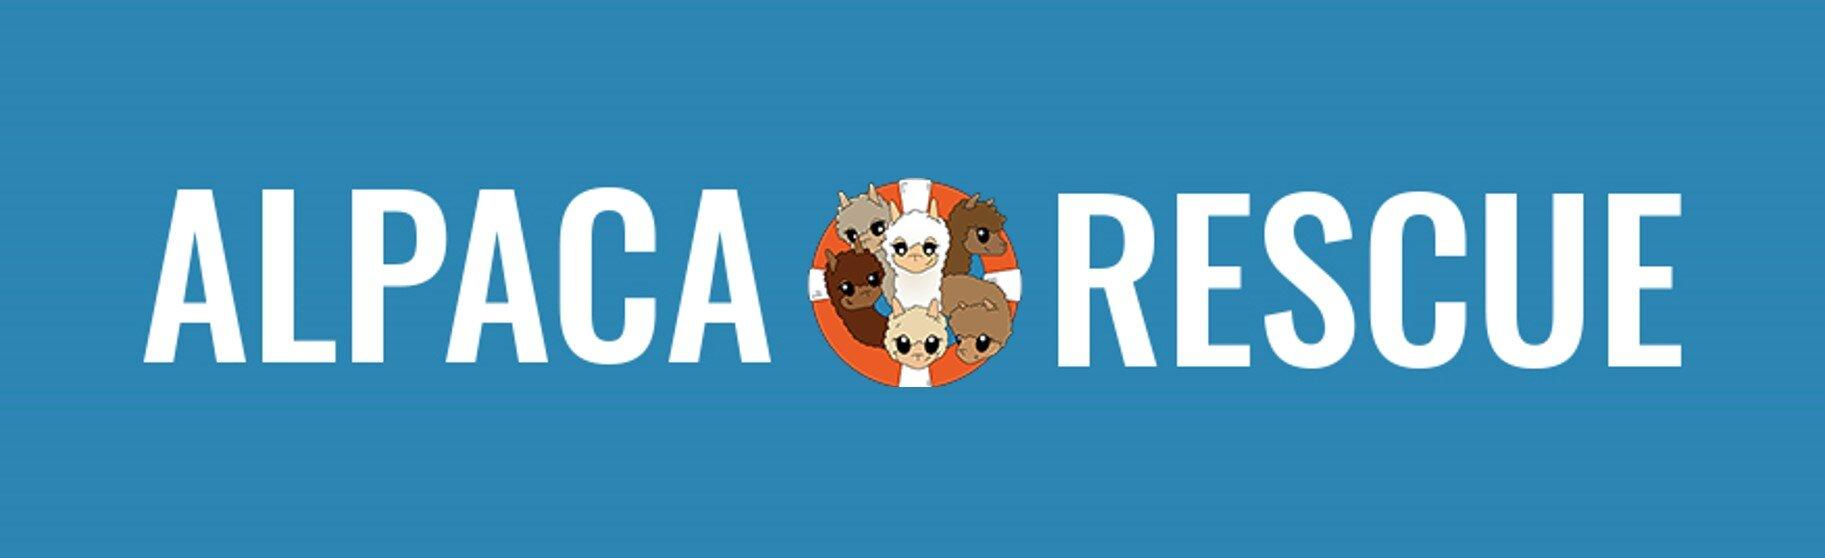 Alpaca Rescue Nederland